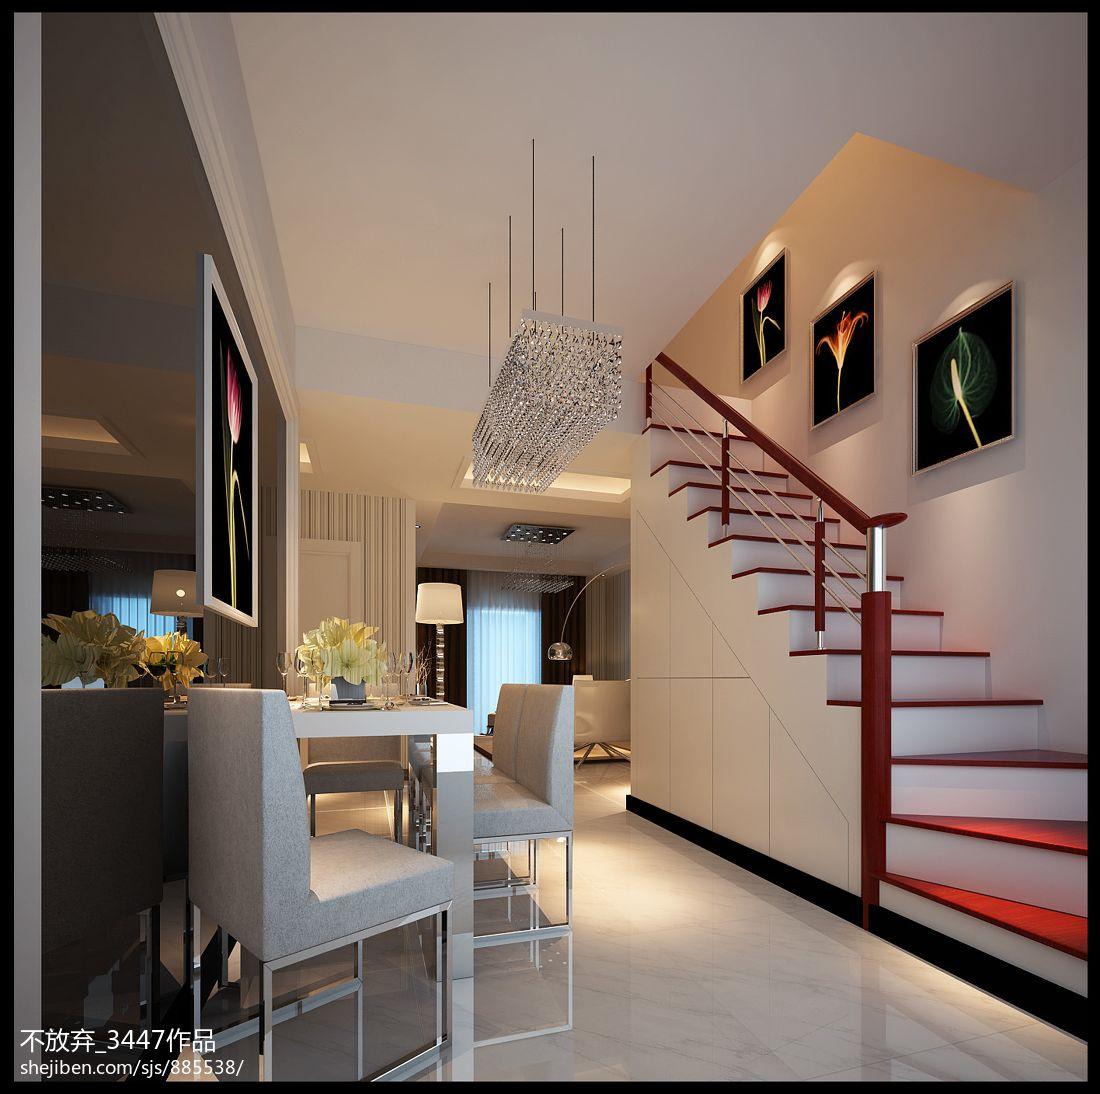 质朴42平现代复式餐厅实拍图厨房现代简约餐厅设计图片赏析